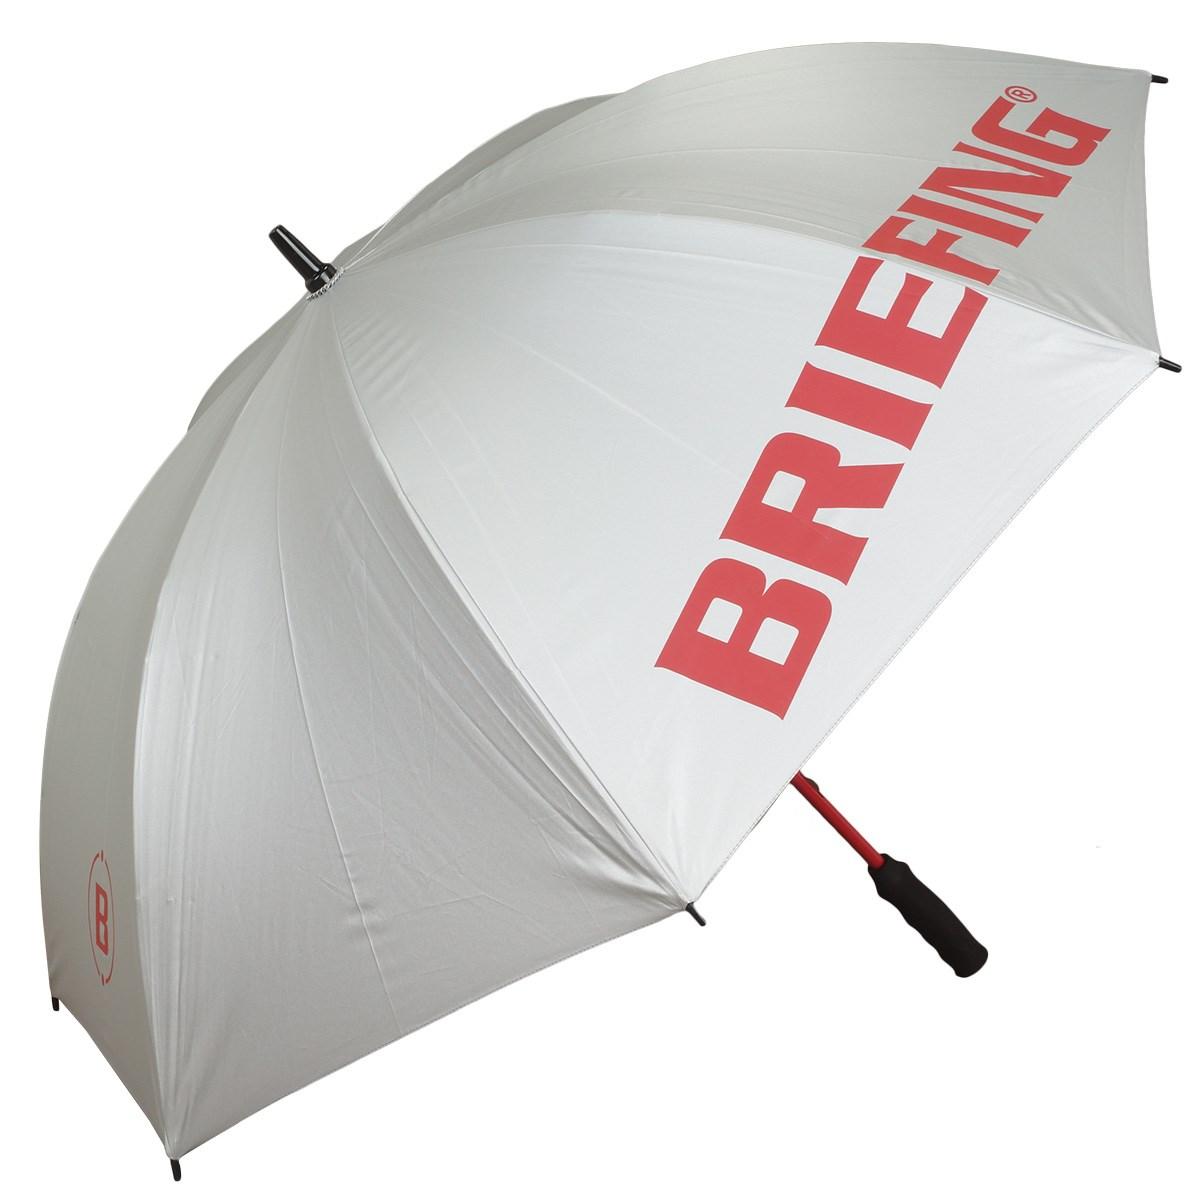 ブリーフィング BRIEFING 傘 グレー